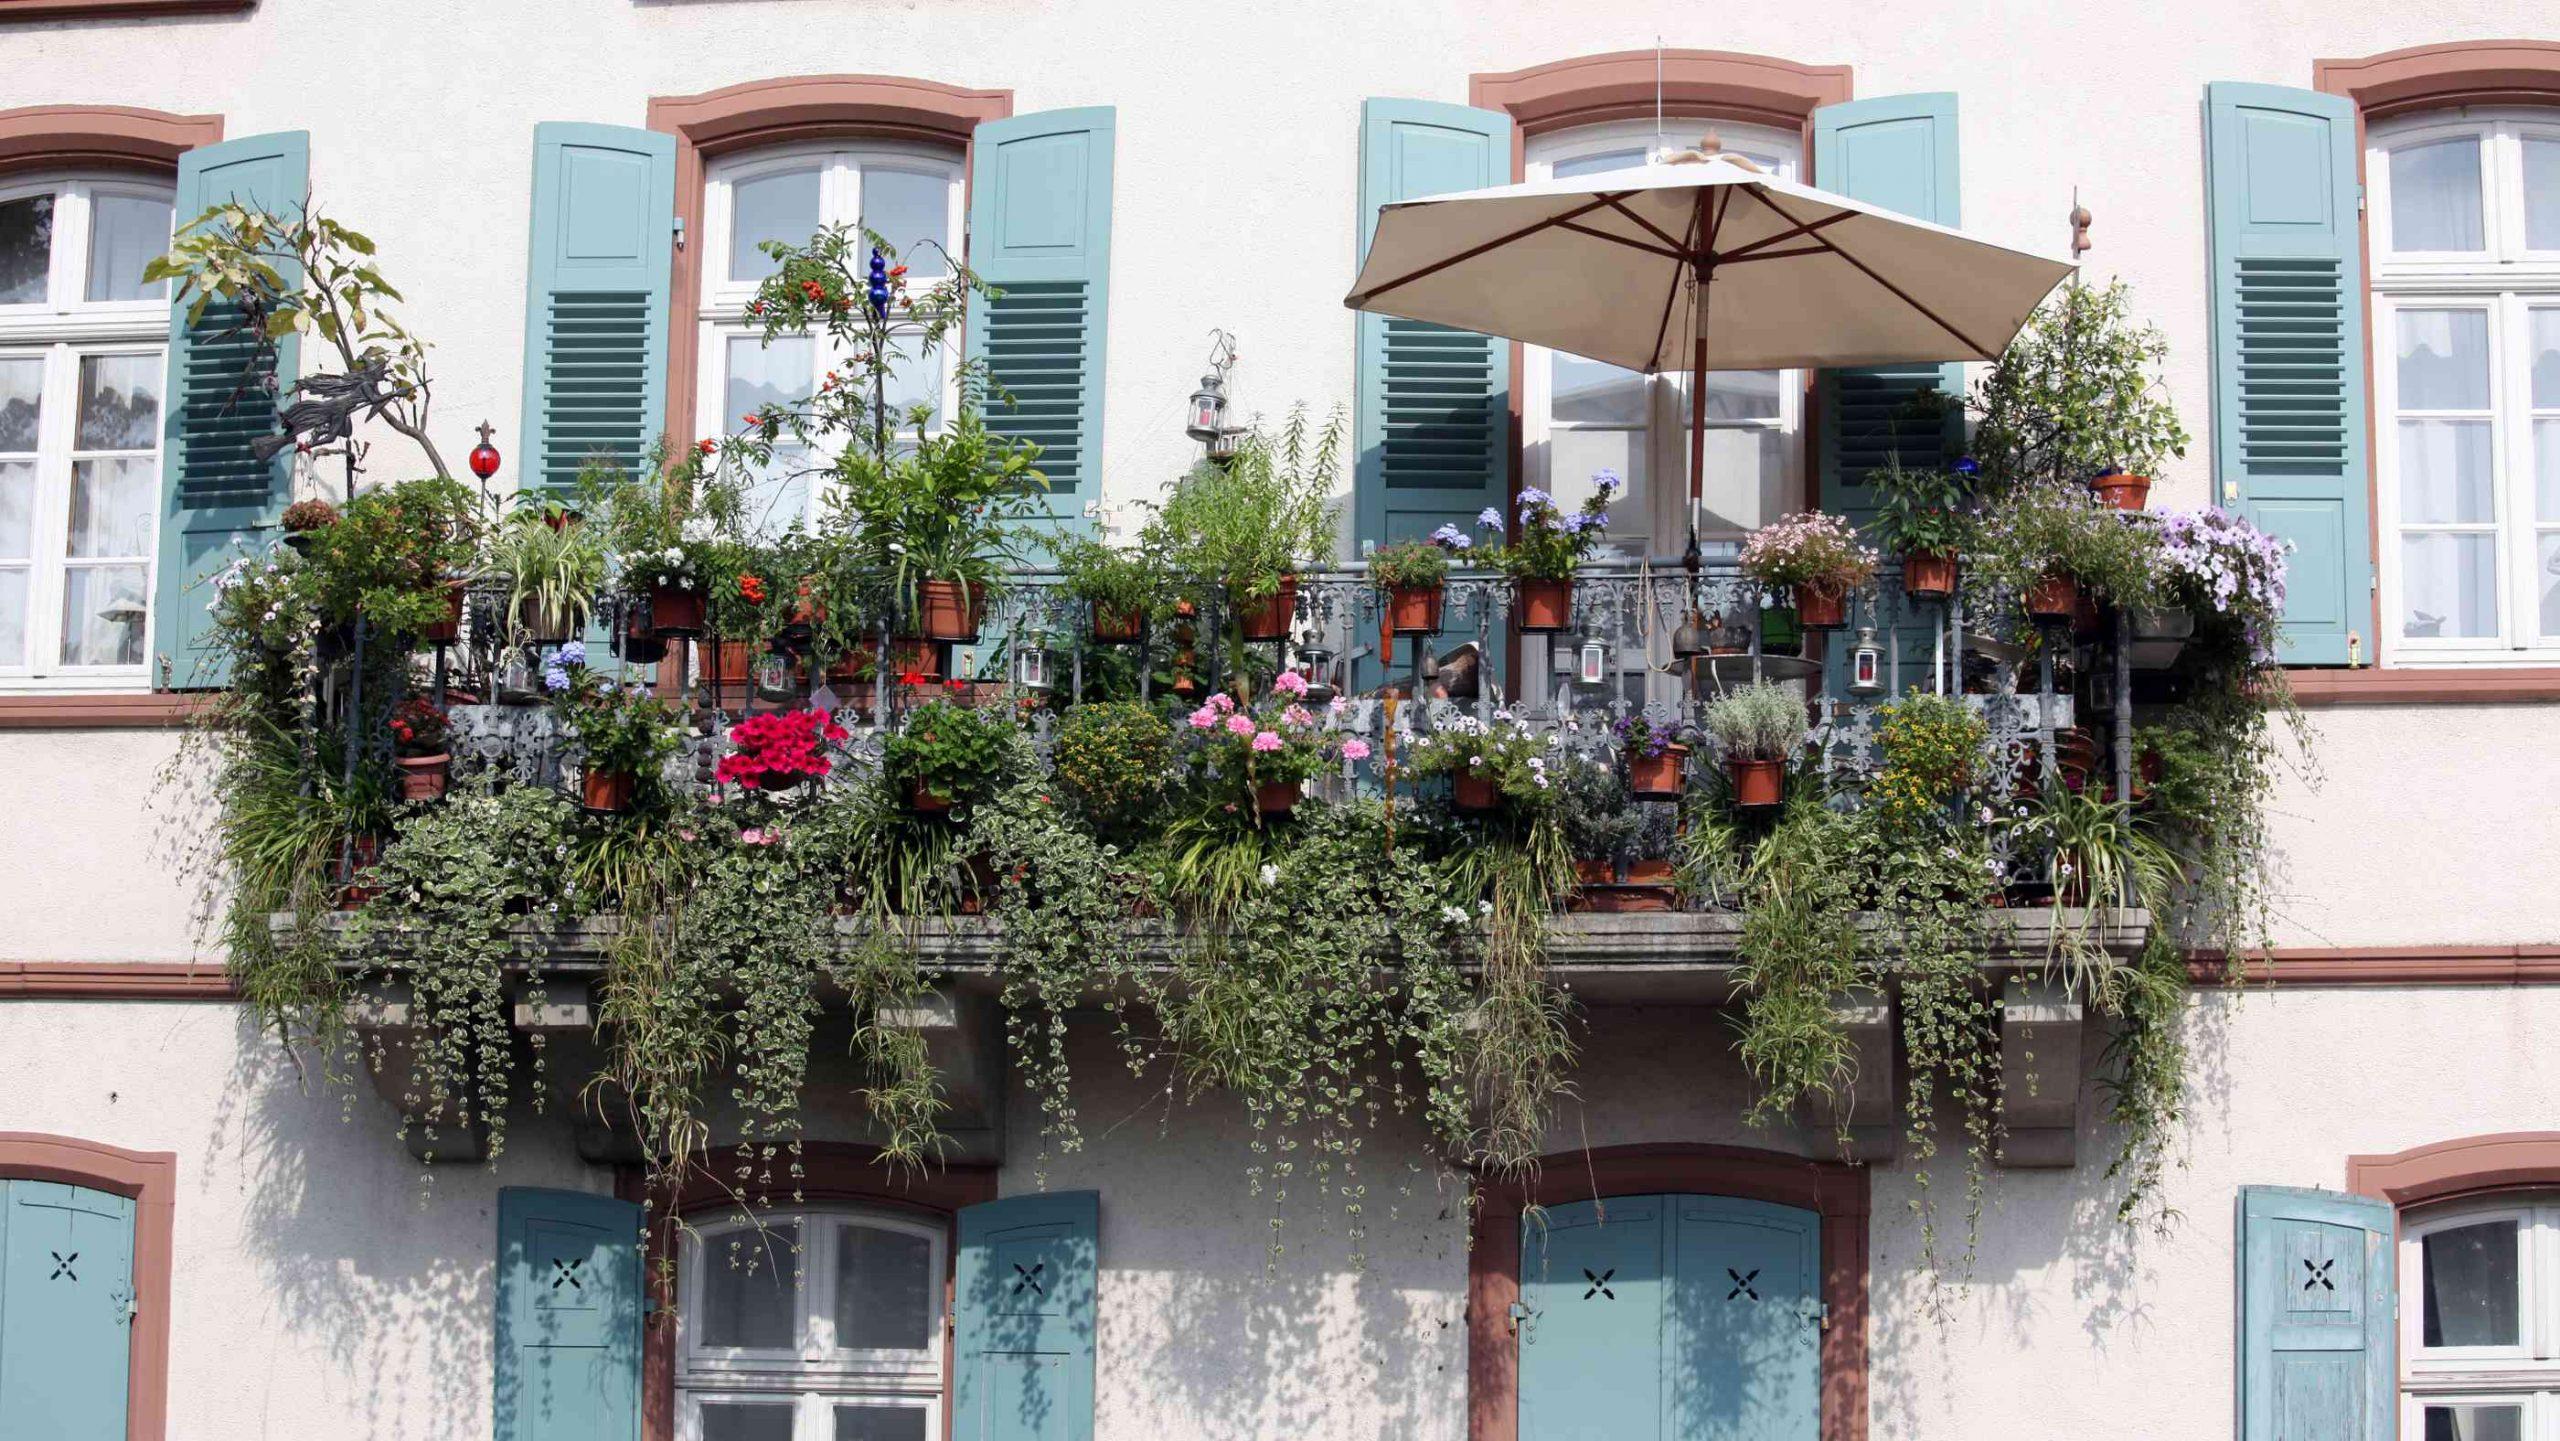 Full Size of Paravent Balkon Sichtschutz Fr Den 10 Ideen Plus Tipps Zur Montage Garten Wohnzimmer Paravent Balkon